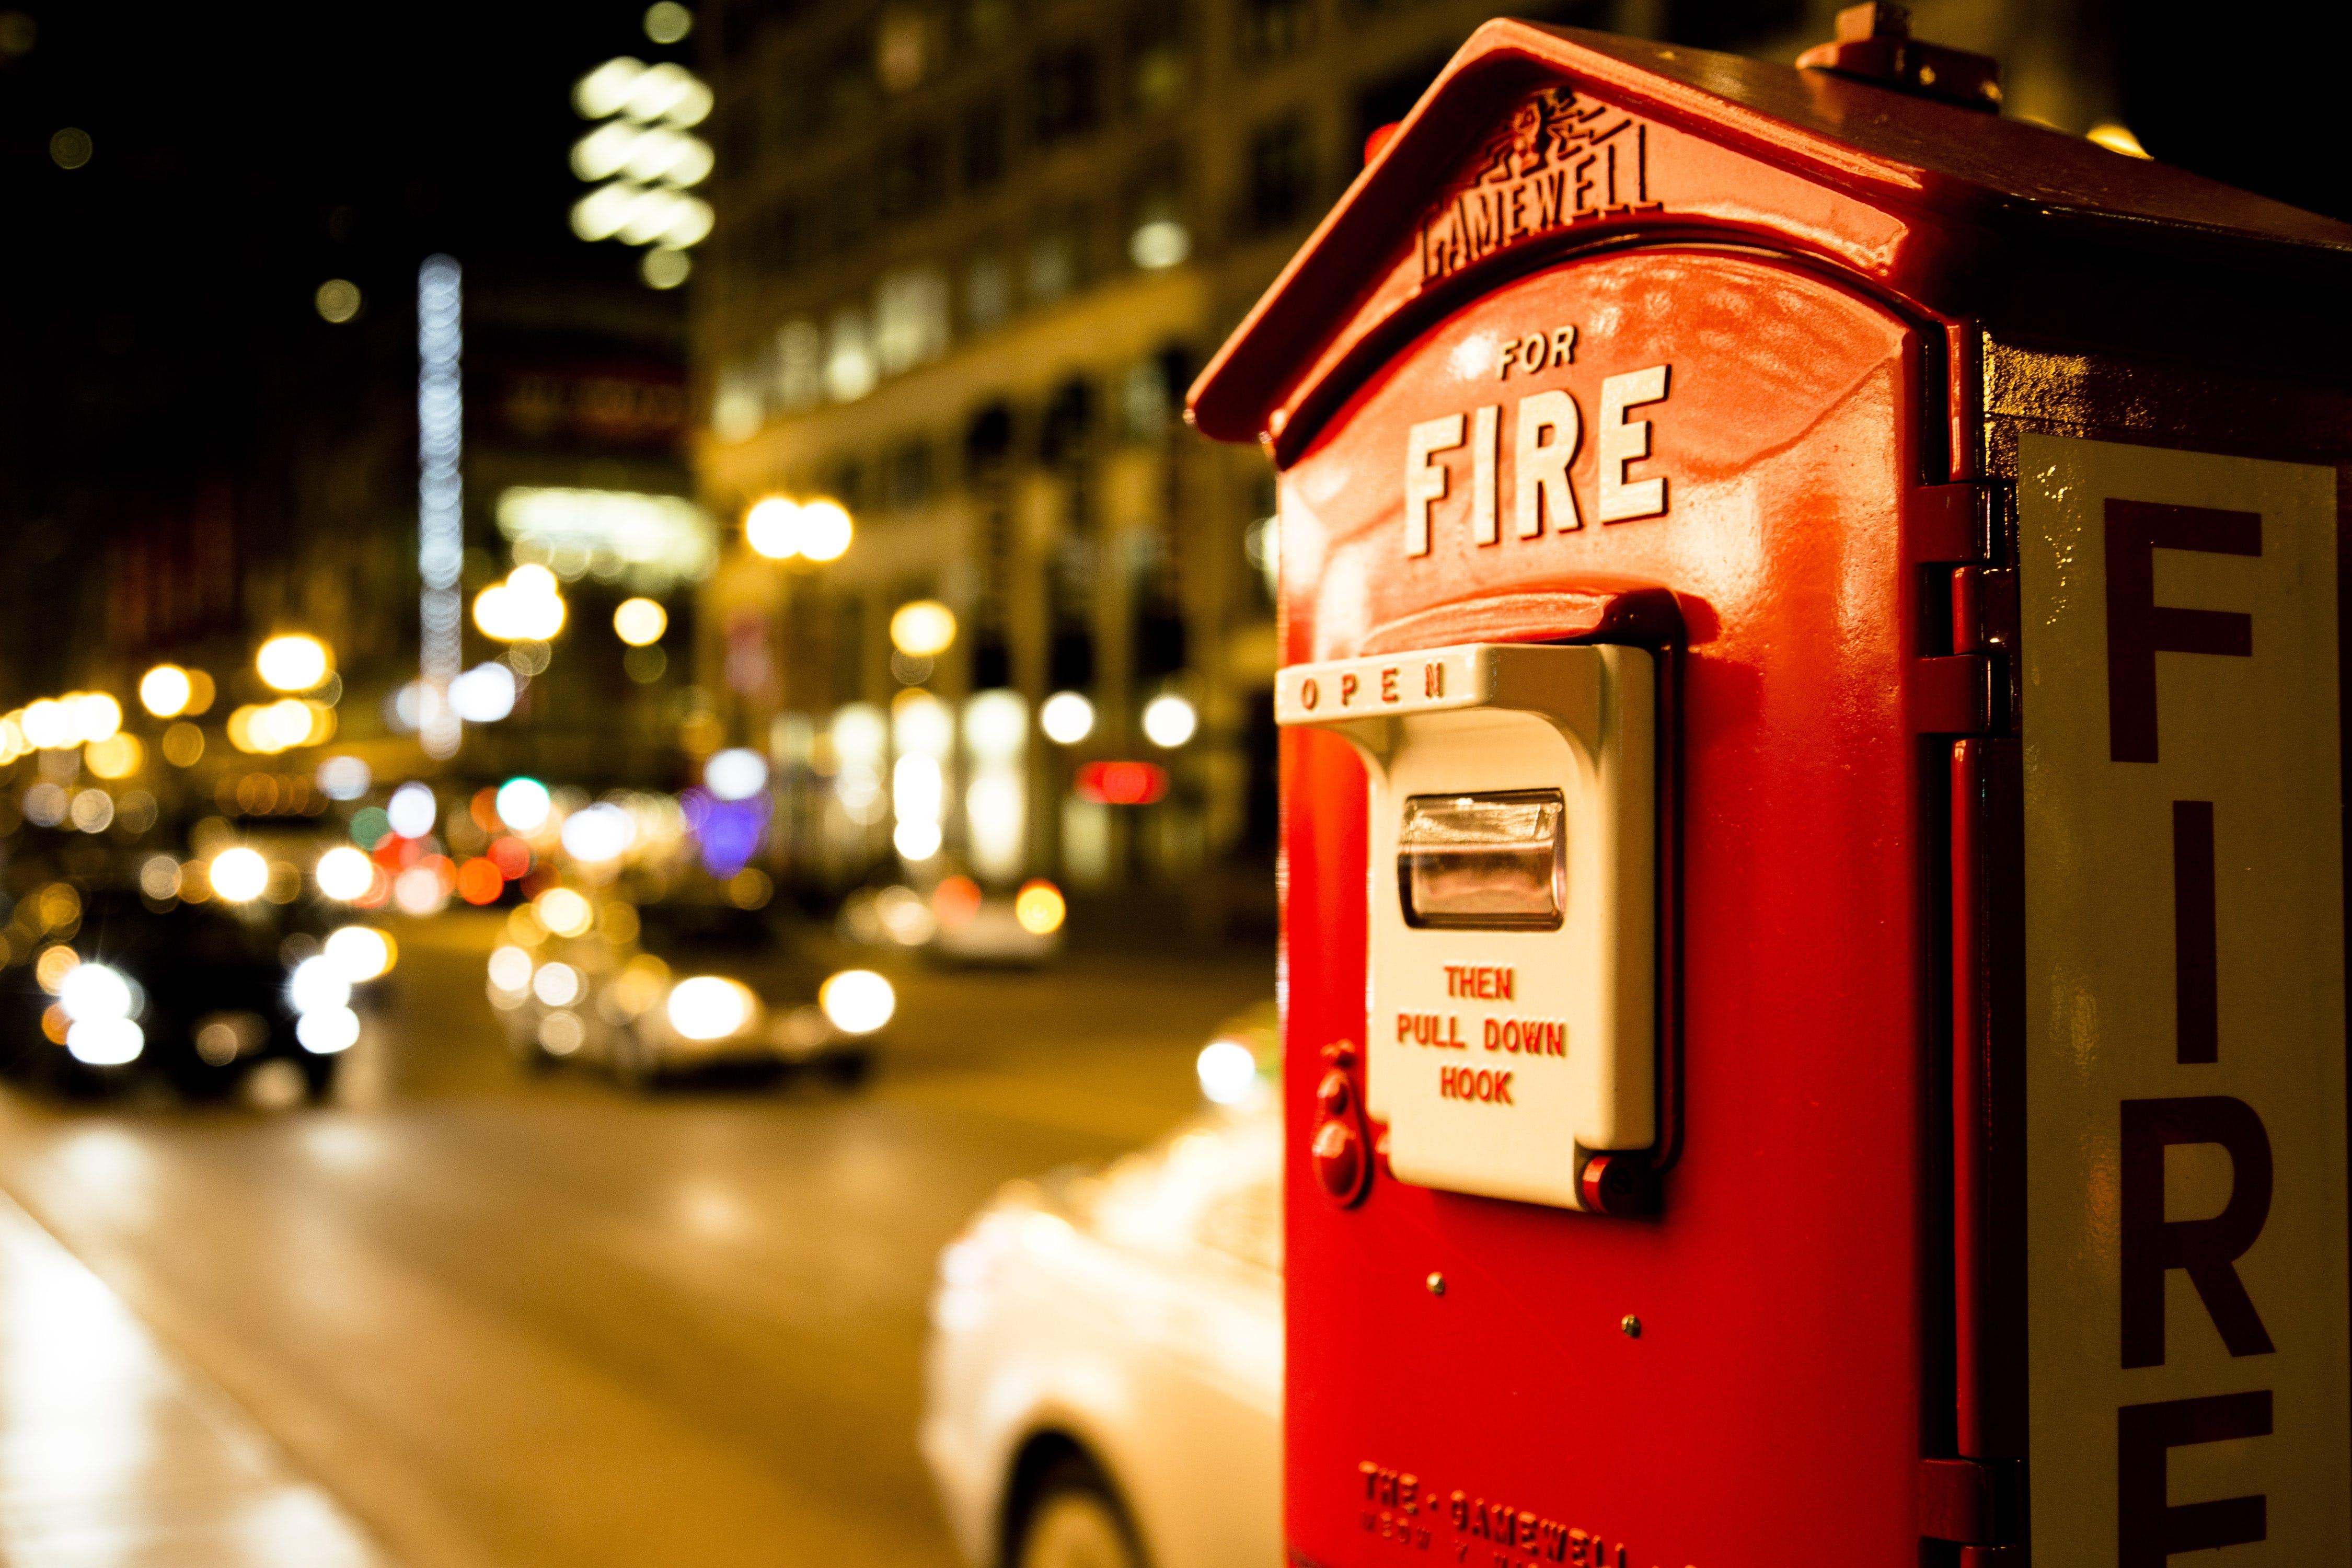 Kostnadsfri bild av arkitektur, bilar, brandsläckare, byggnad